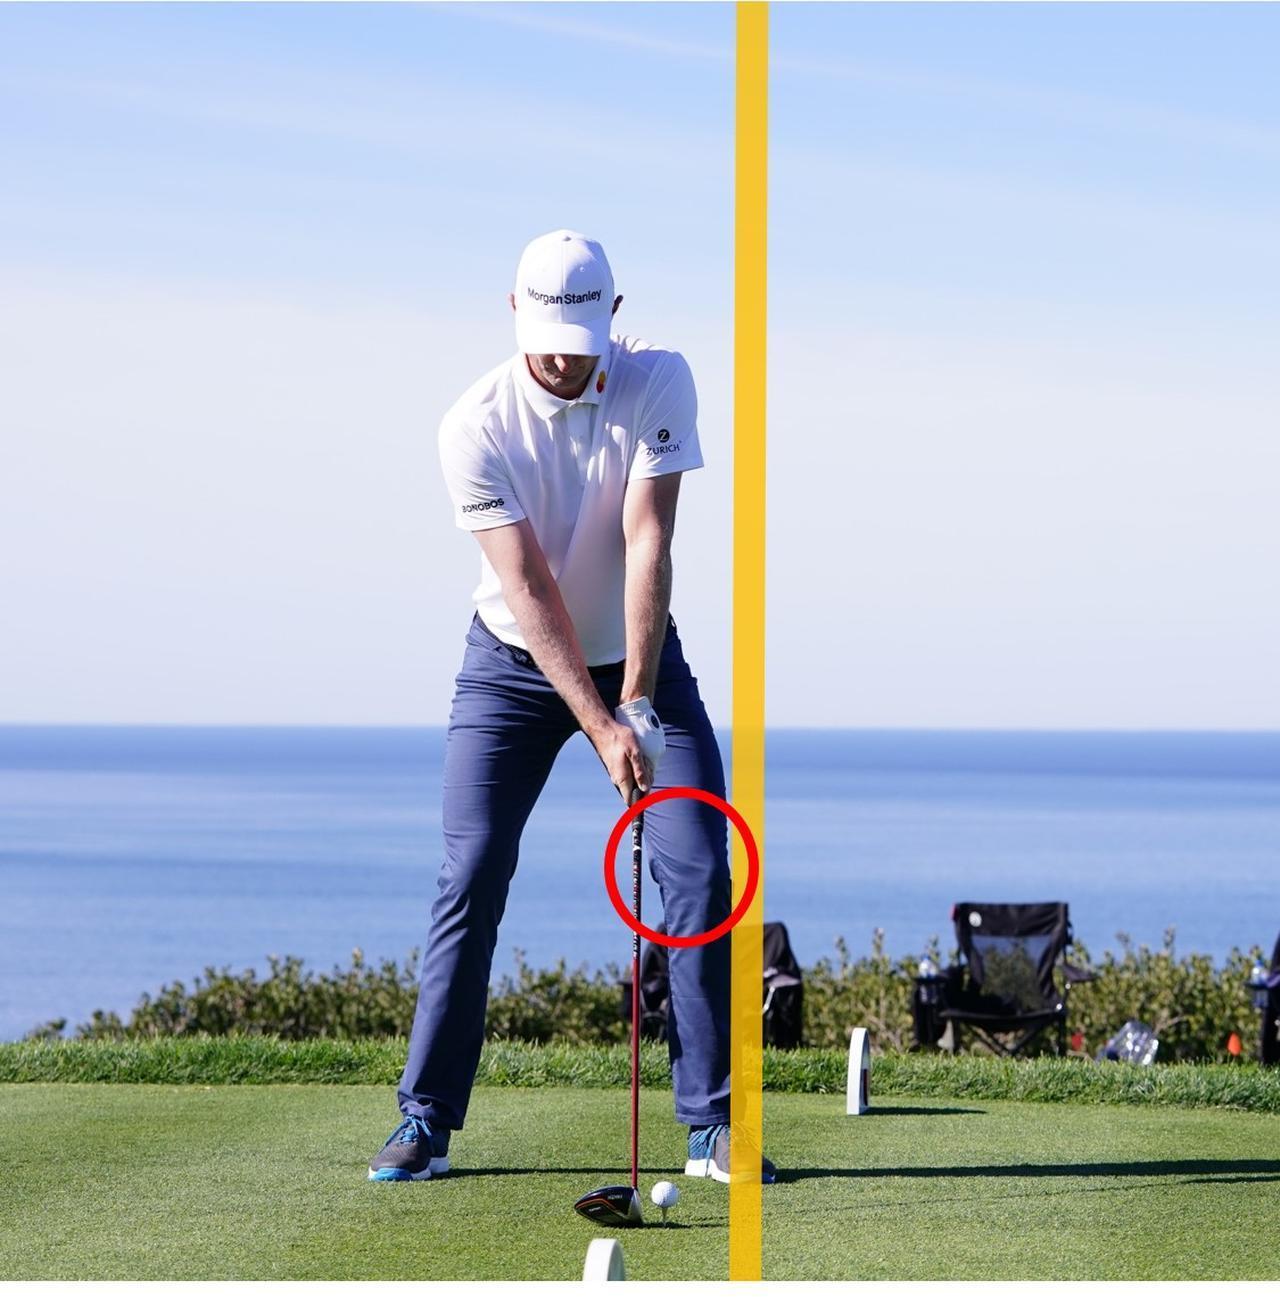 画像: 左足の軸を意識したアドレス